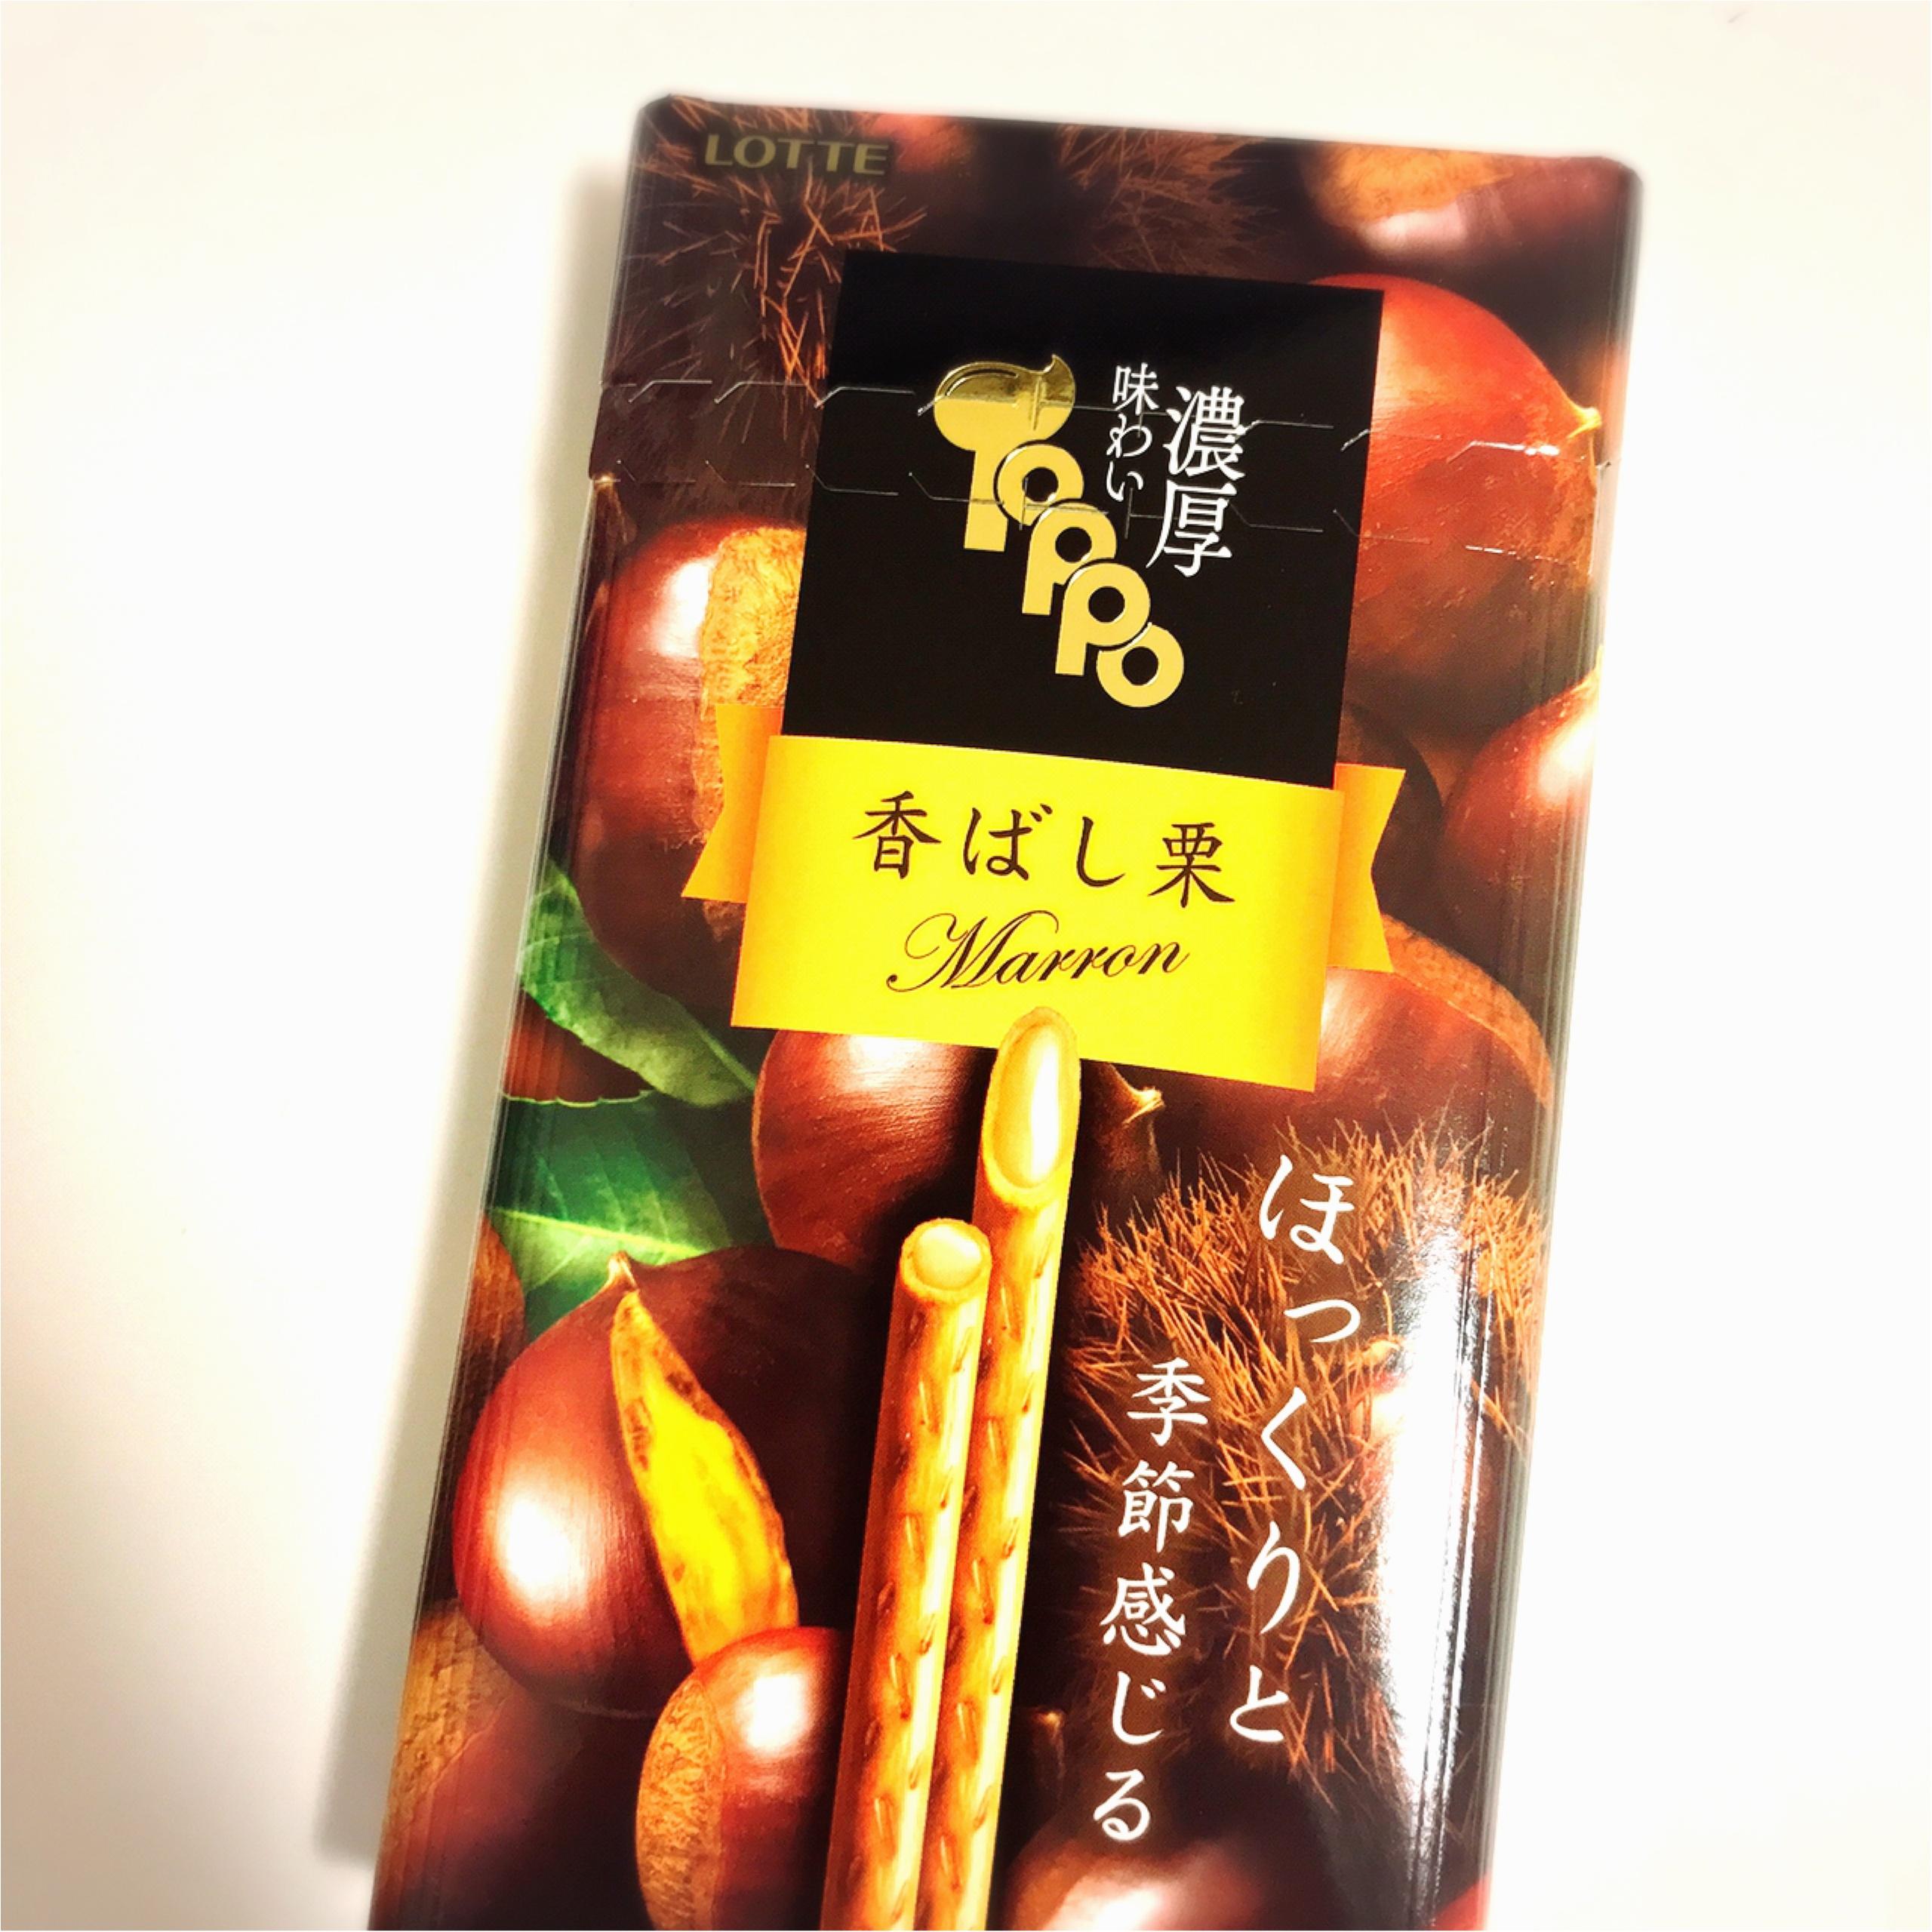 コンビニお菓子で秋を先取りっ!【味わい濃厚Toppo〈香ばし栗〉】がおいしすぎる♡_1